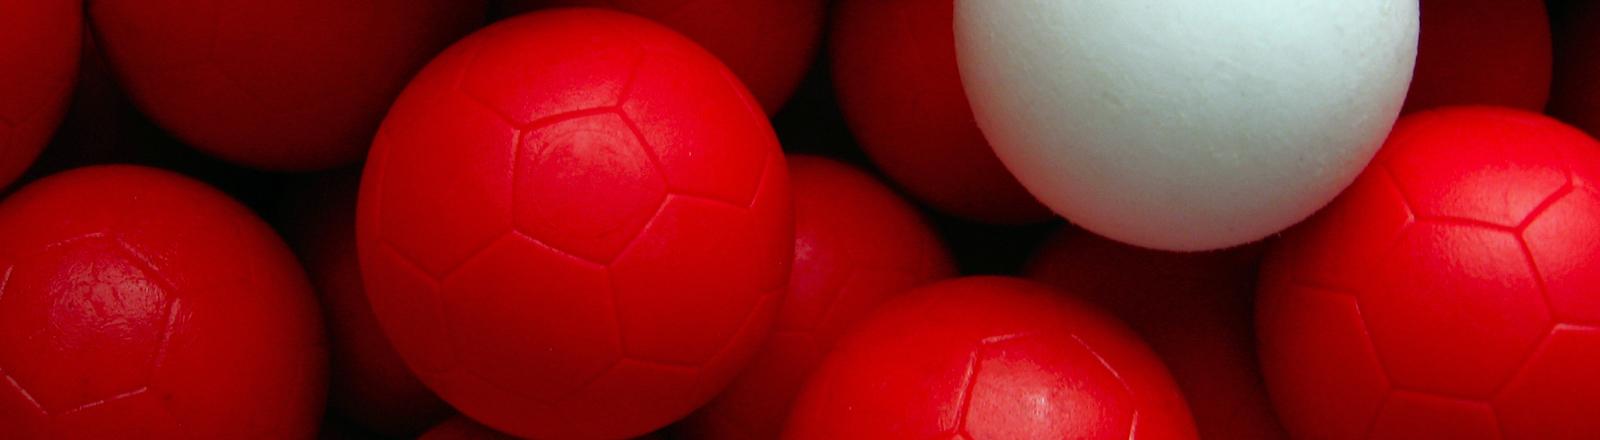 Viele rote Fußbälle und ein weißer dazwischen.